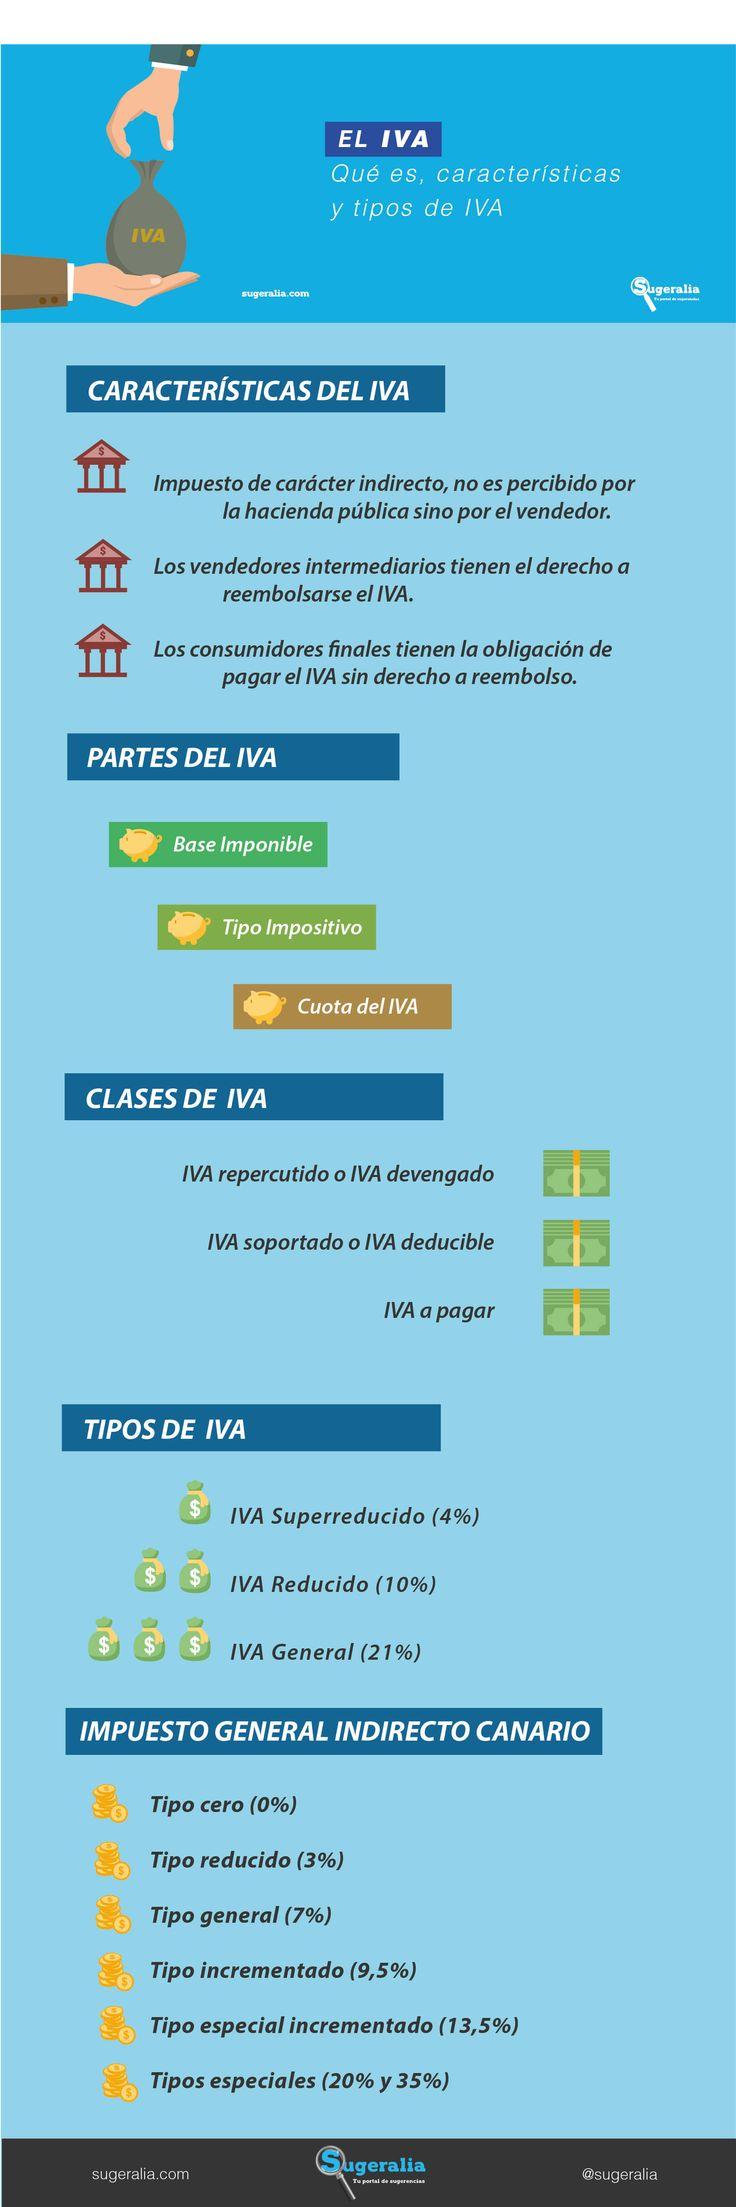 El IVA: Qué es, características y tipos de IVA